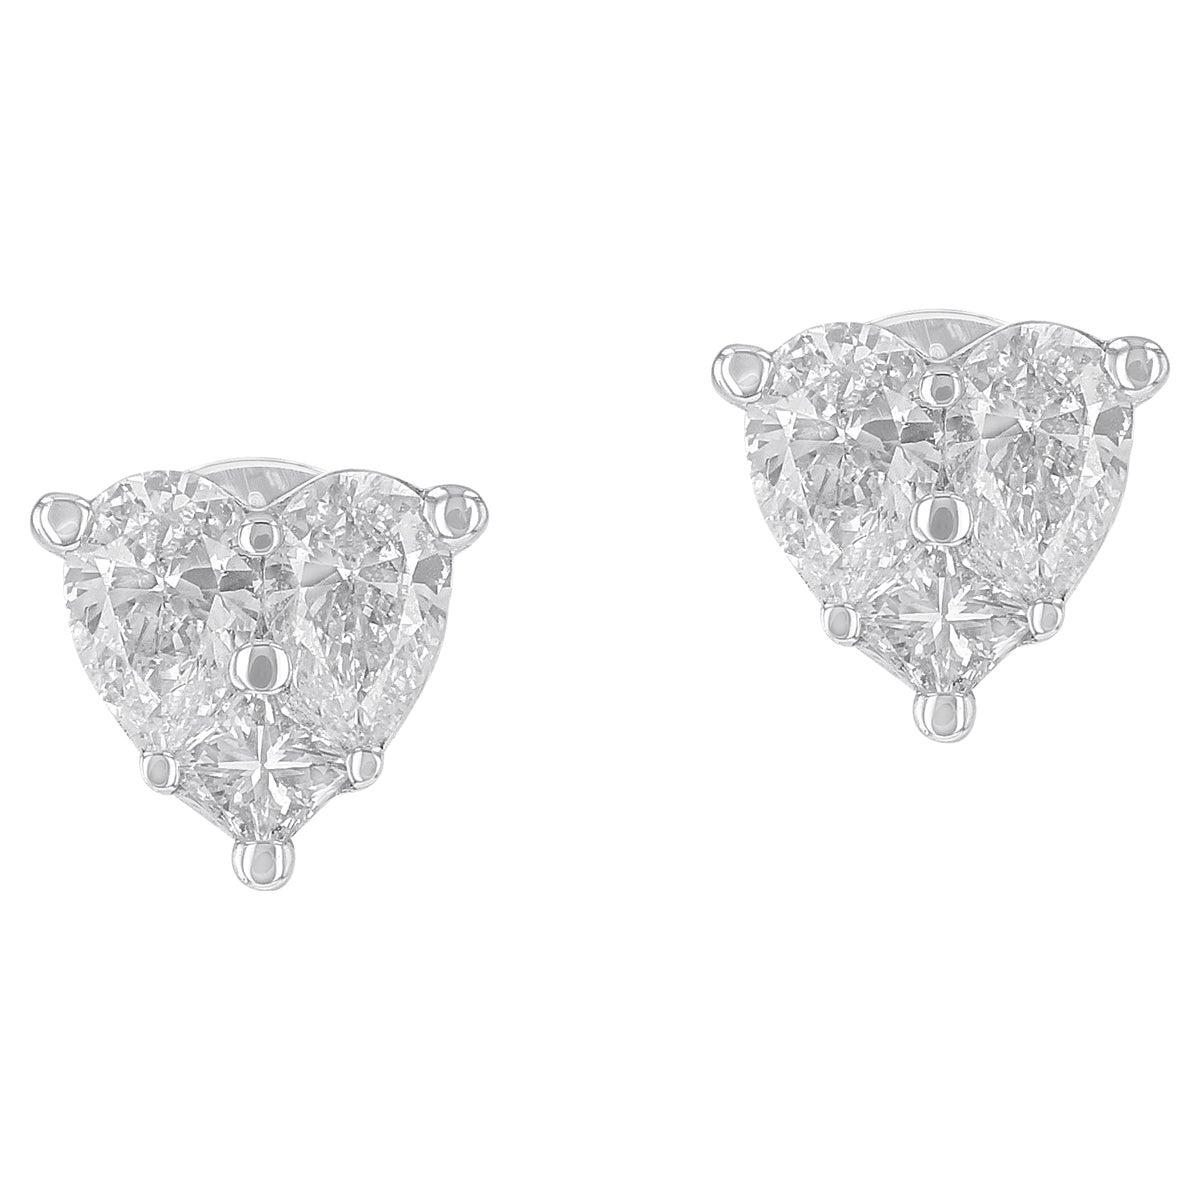 Amwaj Jewelry Heart Shape Stud Earrings